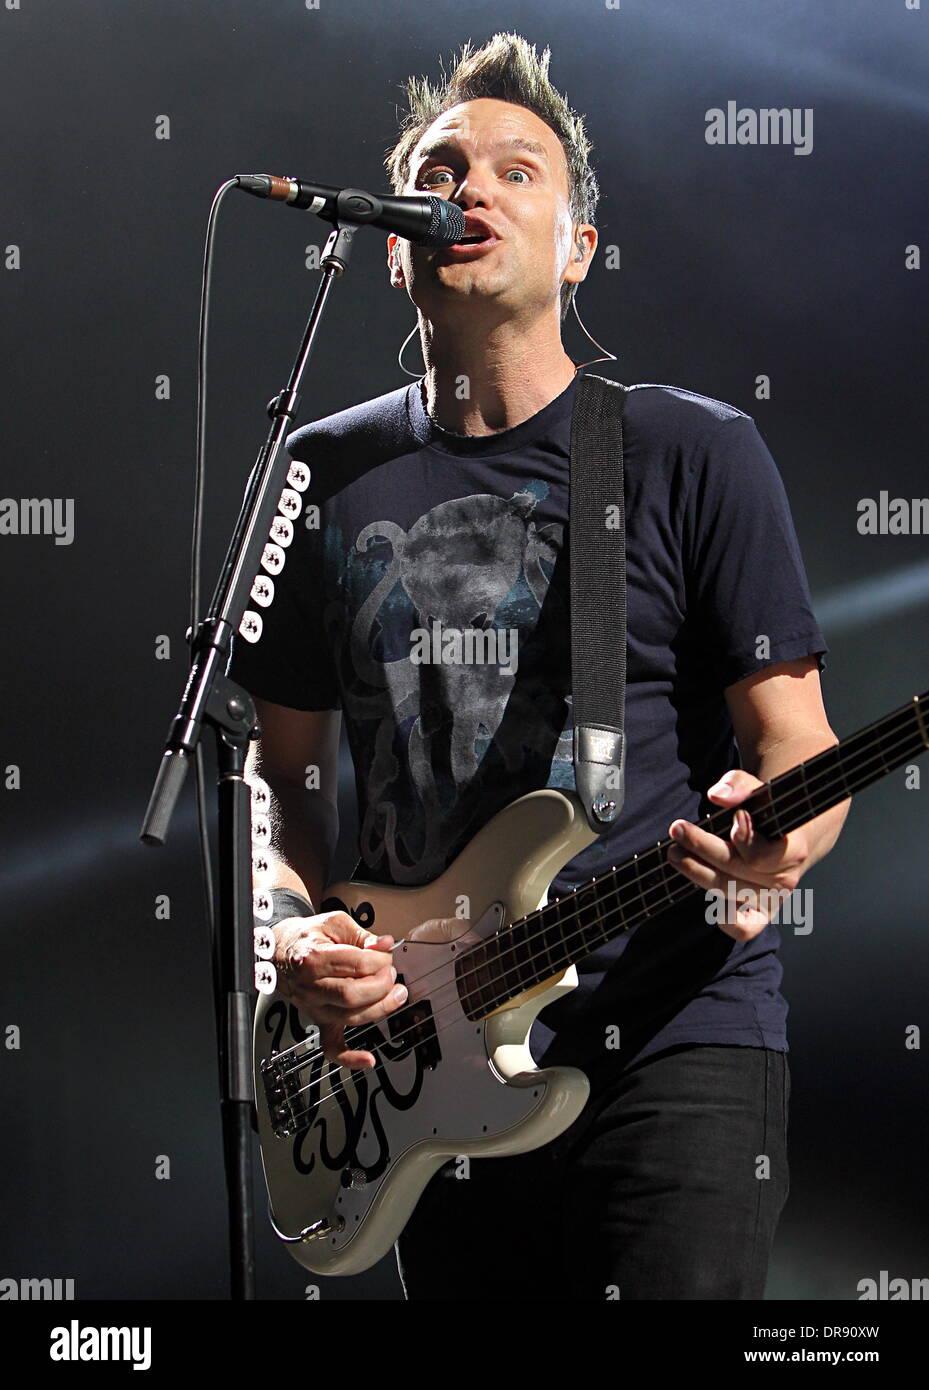 Mark Hoppustom Delonge And Travis Barker Of Blink 182 Perform At